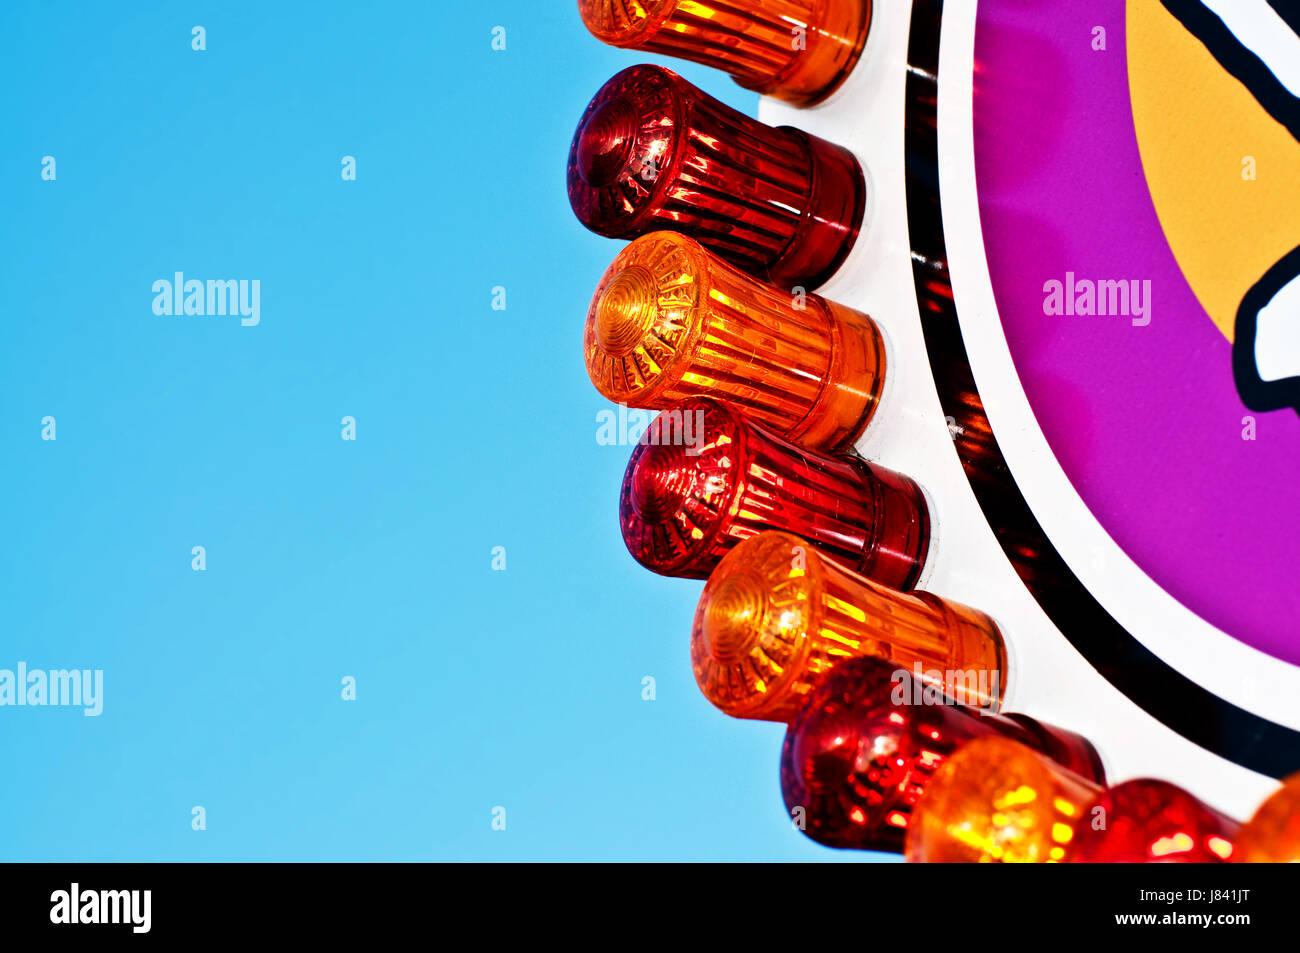 Fair carnevale parco divertimenti onorevole decente illuminazione rossa luce di illuminazione Immagini Stock